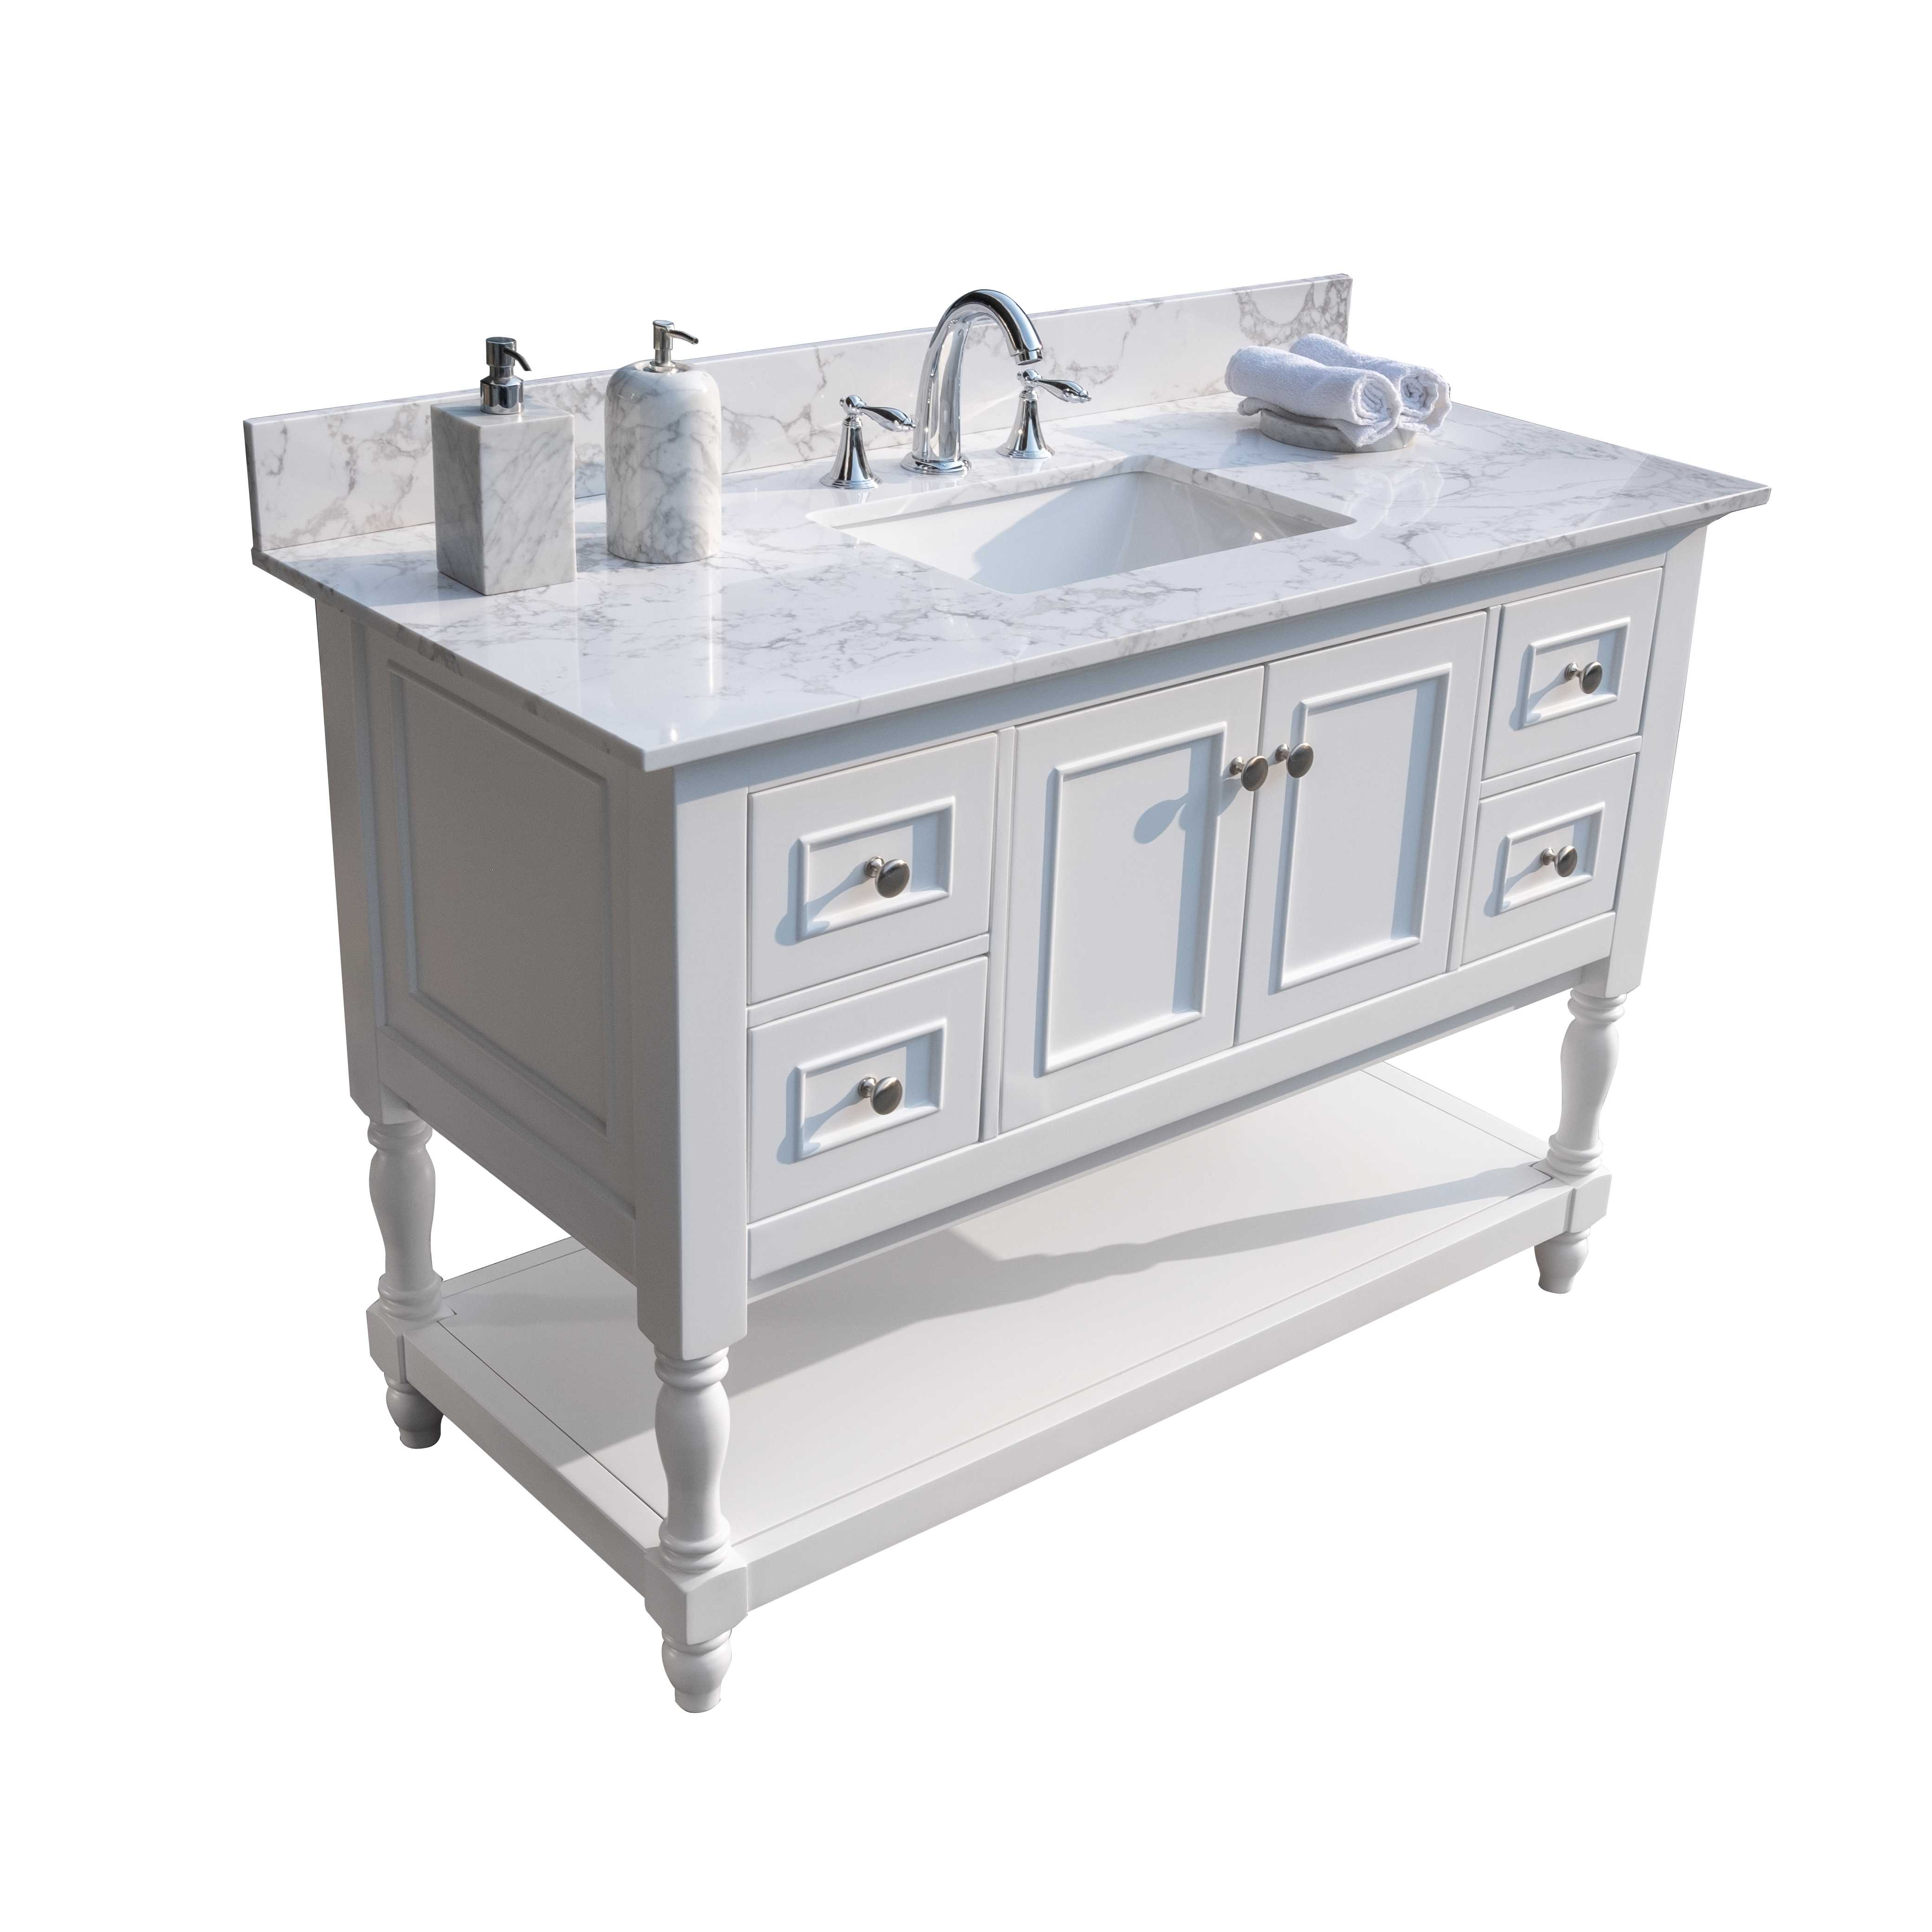 Overseas Warehouse Factory Price Artificial Marble Bathroom Vanity Top Buy Vanity Top Marble Bathroom Marble Vanity Top Product On Alibaba Com